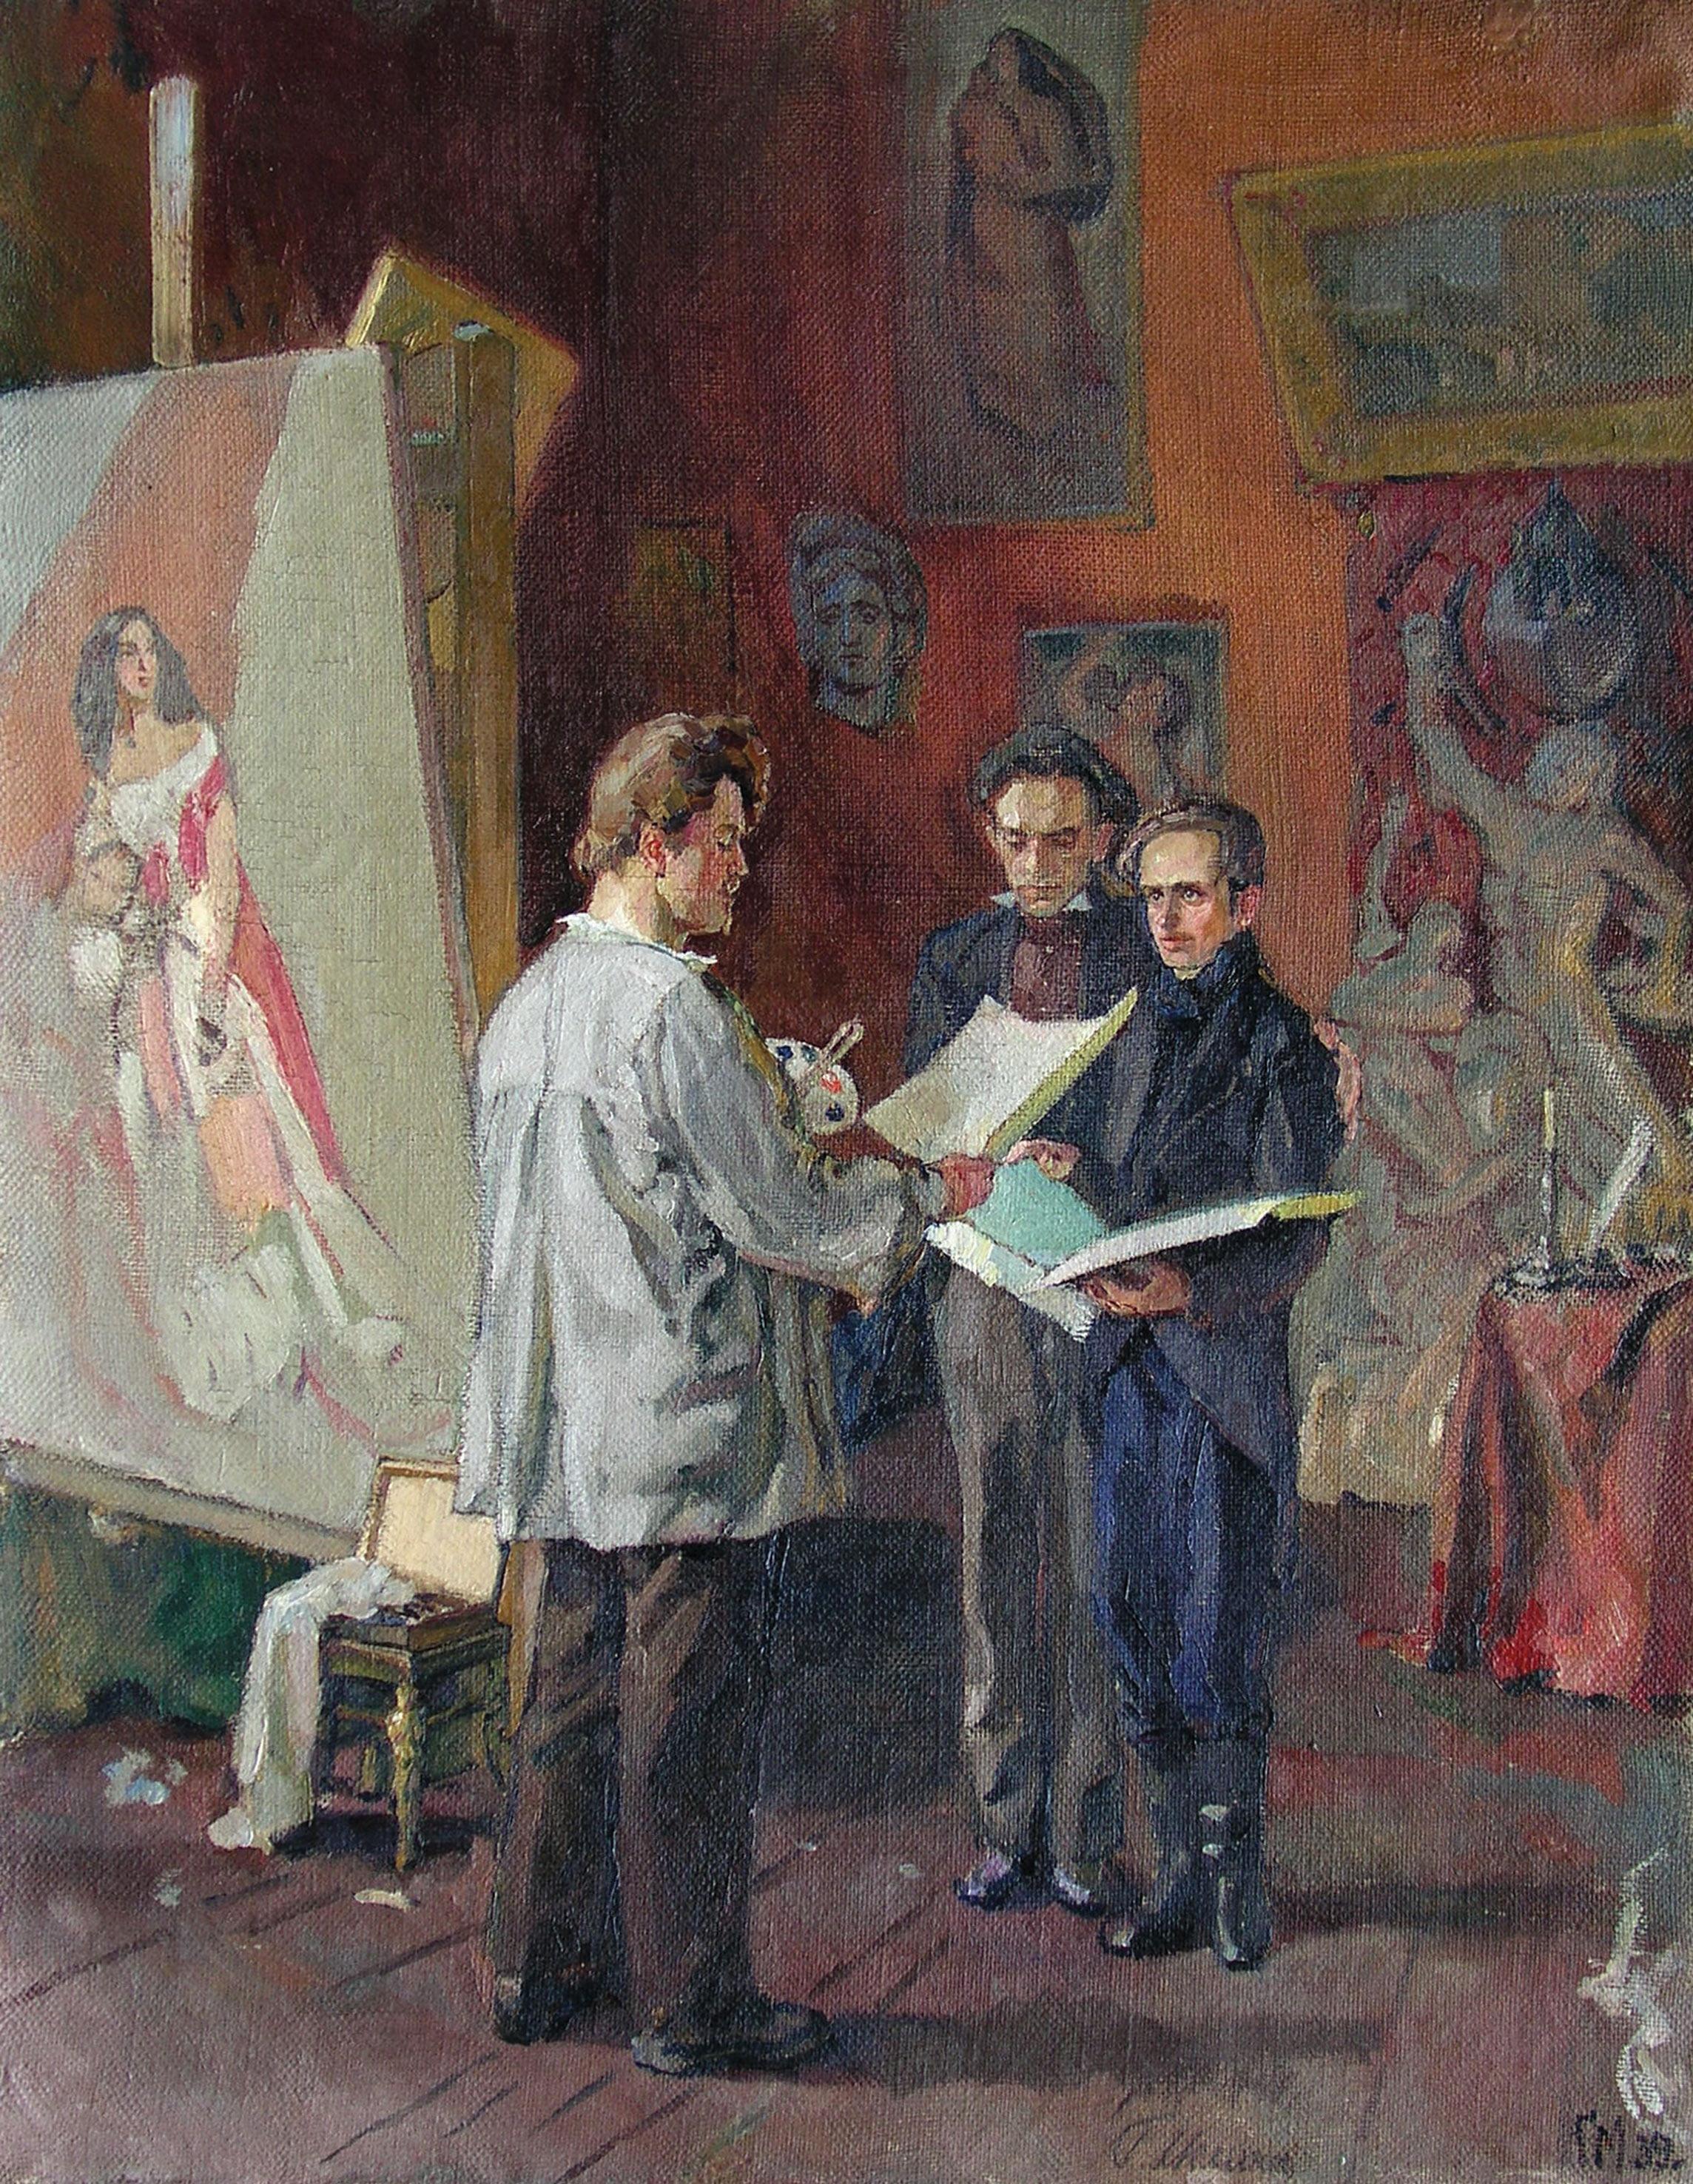 Молодой Т. Шевченко в мастерской К. Брюллова, 1939 г.Меліхов Г.